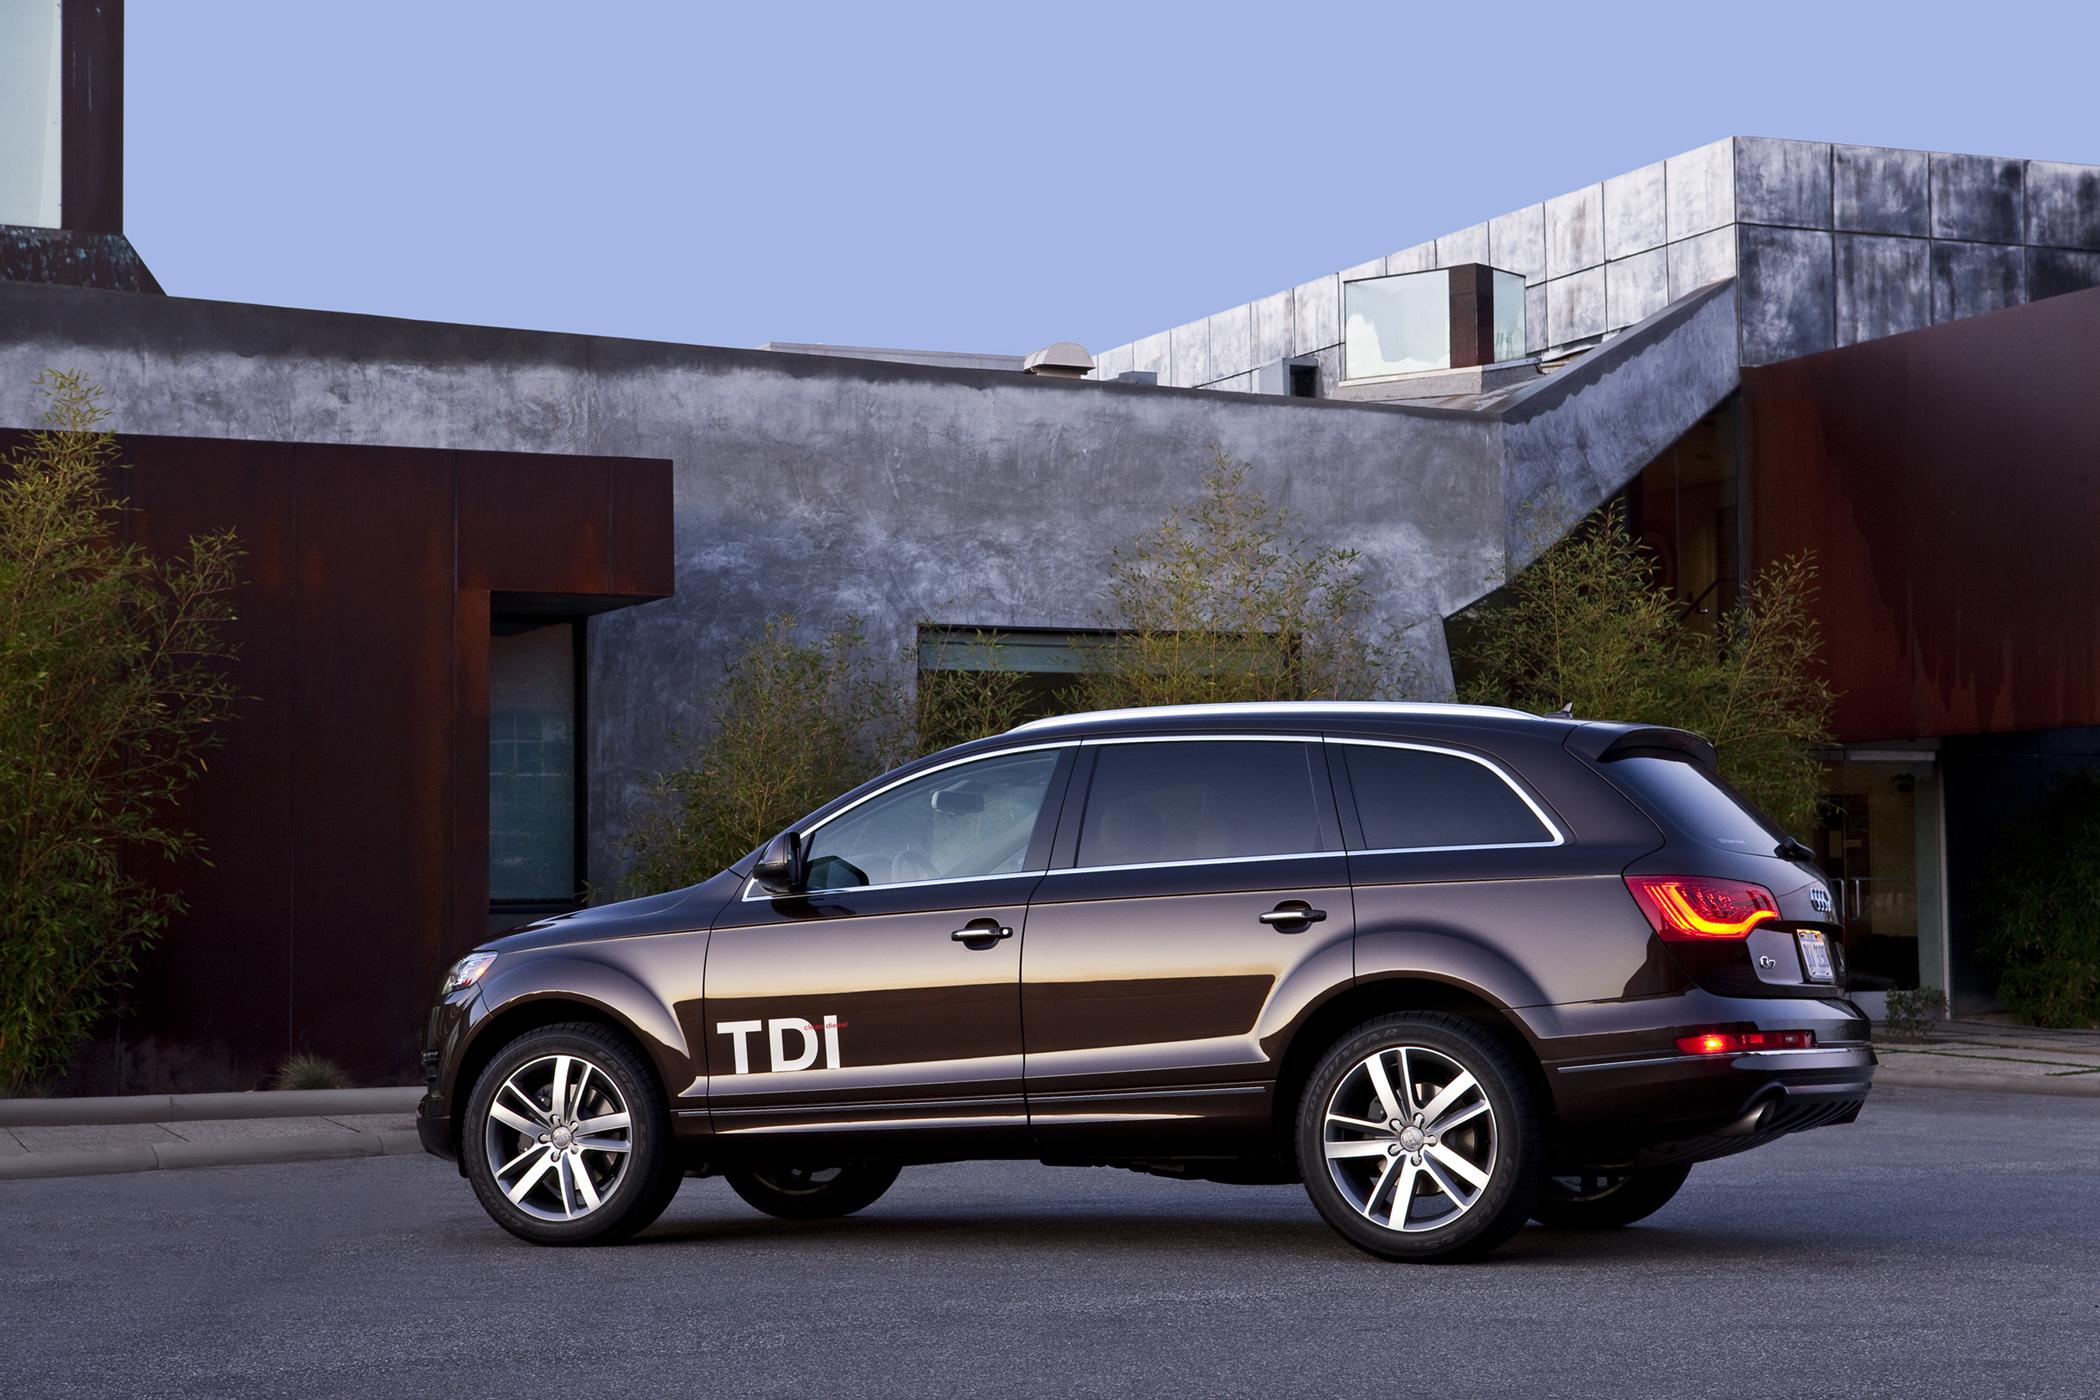 2010 Audi Q7 Tdi Proves Sel Vehicle Is Luxurious Bonus